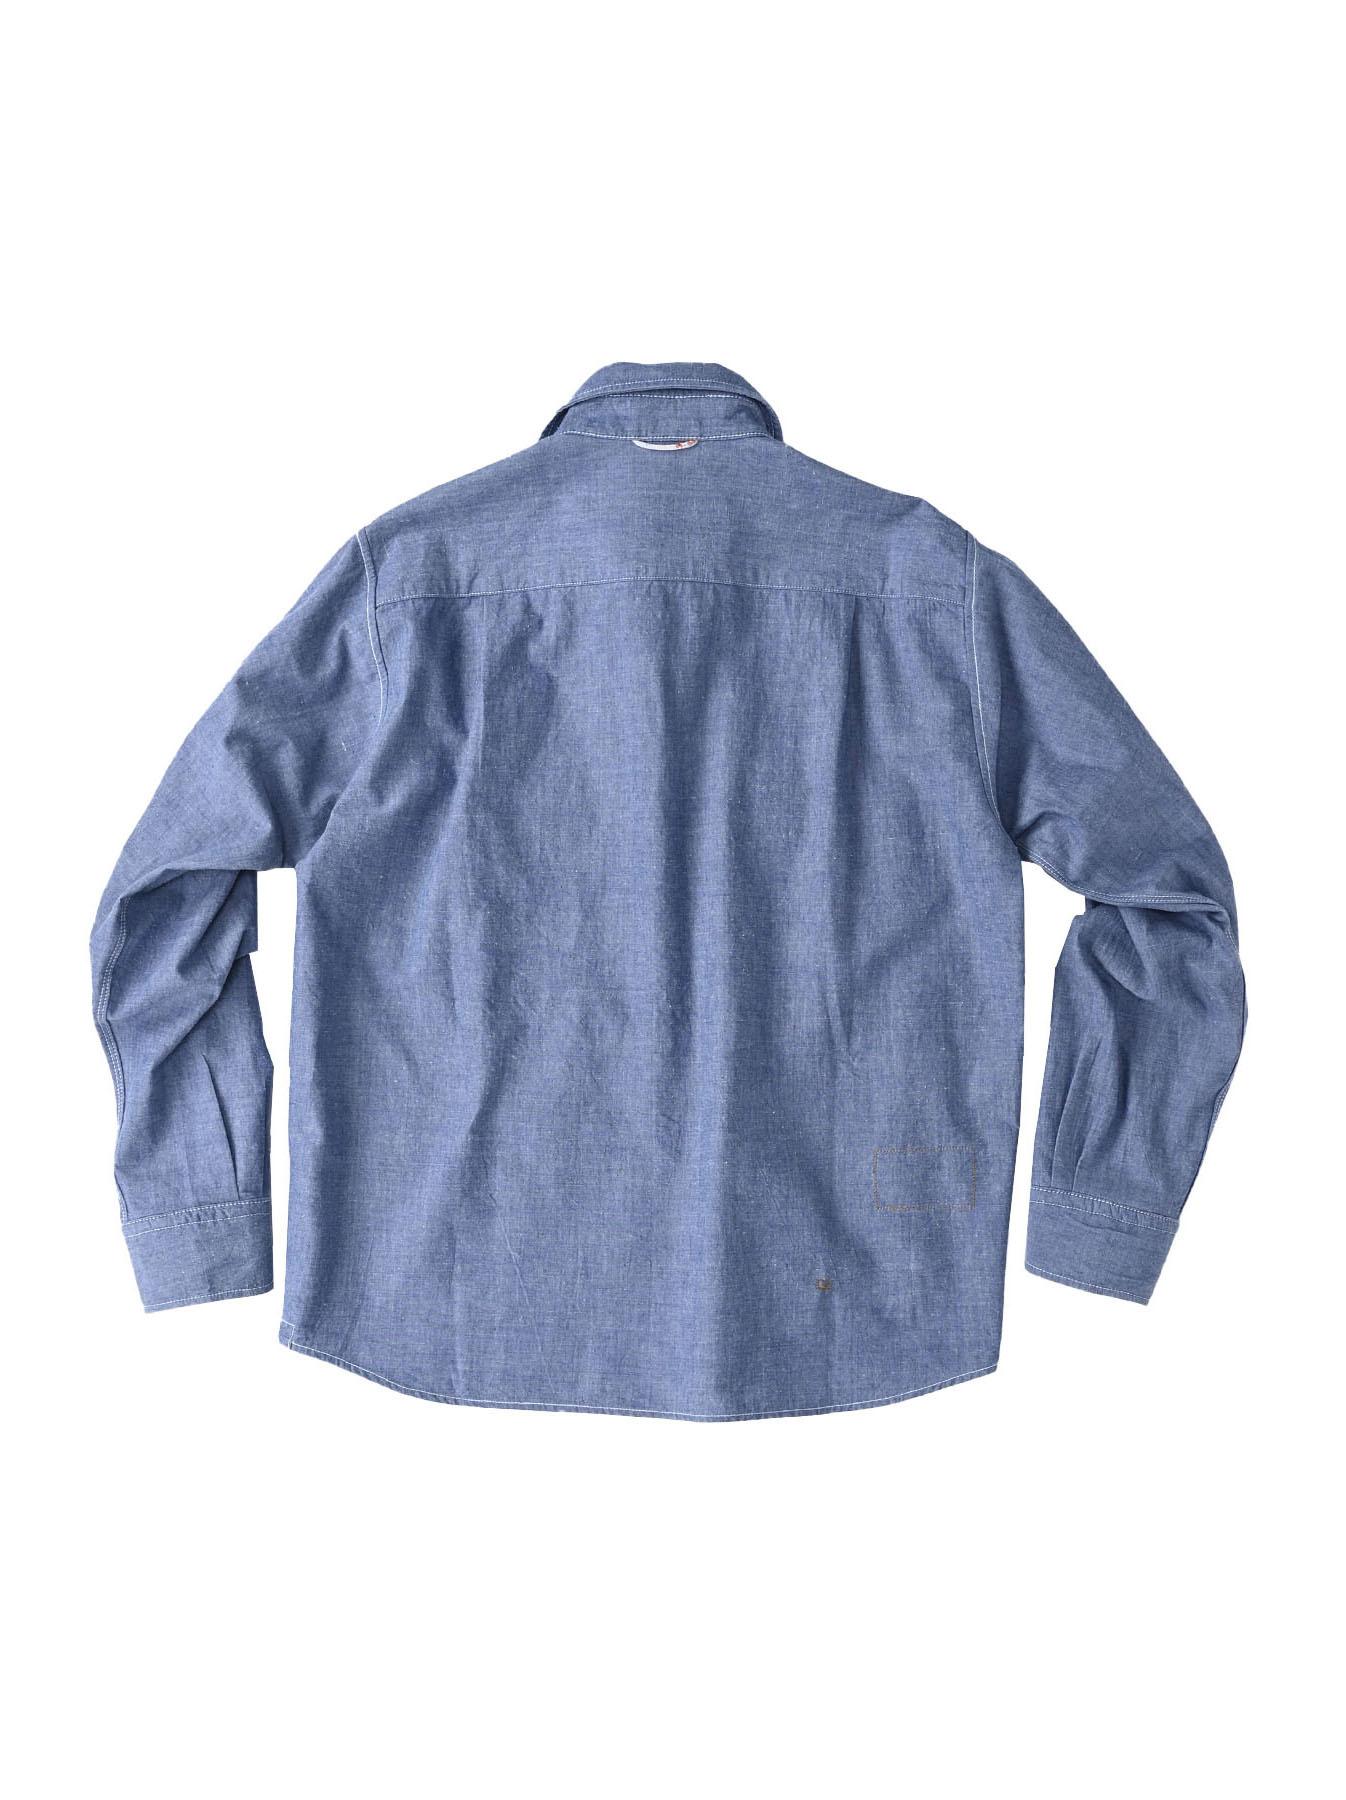 Okome-hira Dungaree 908 Ocean Work Shirt (0621)-10